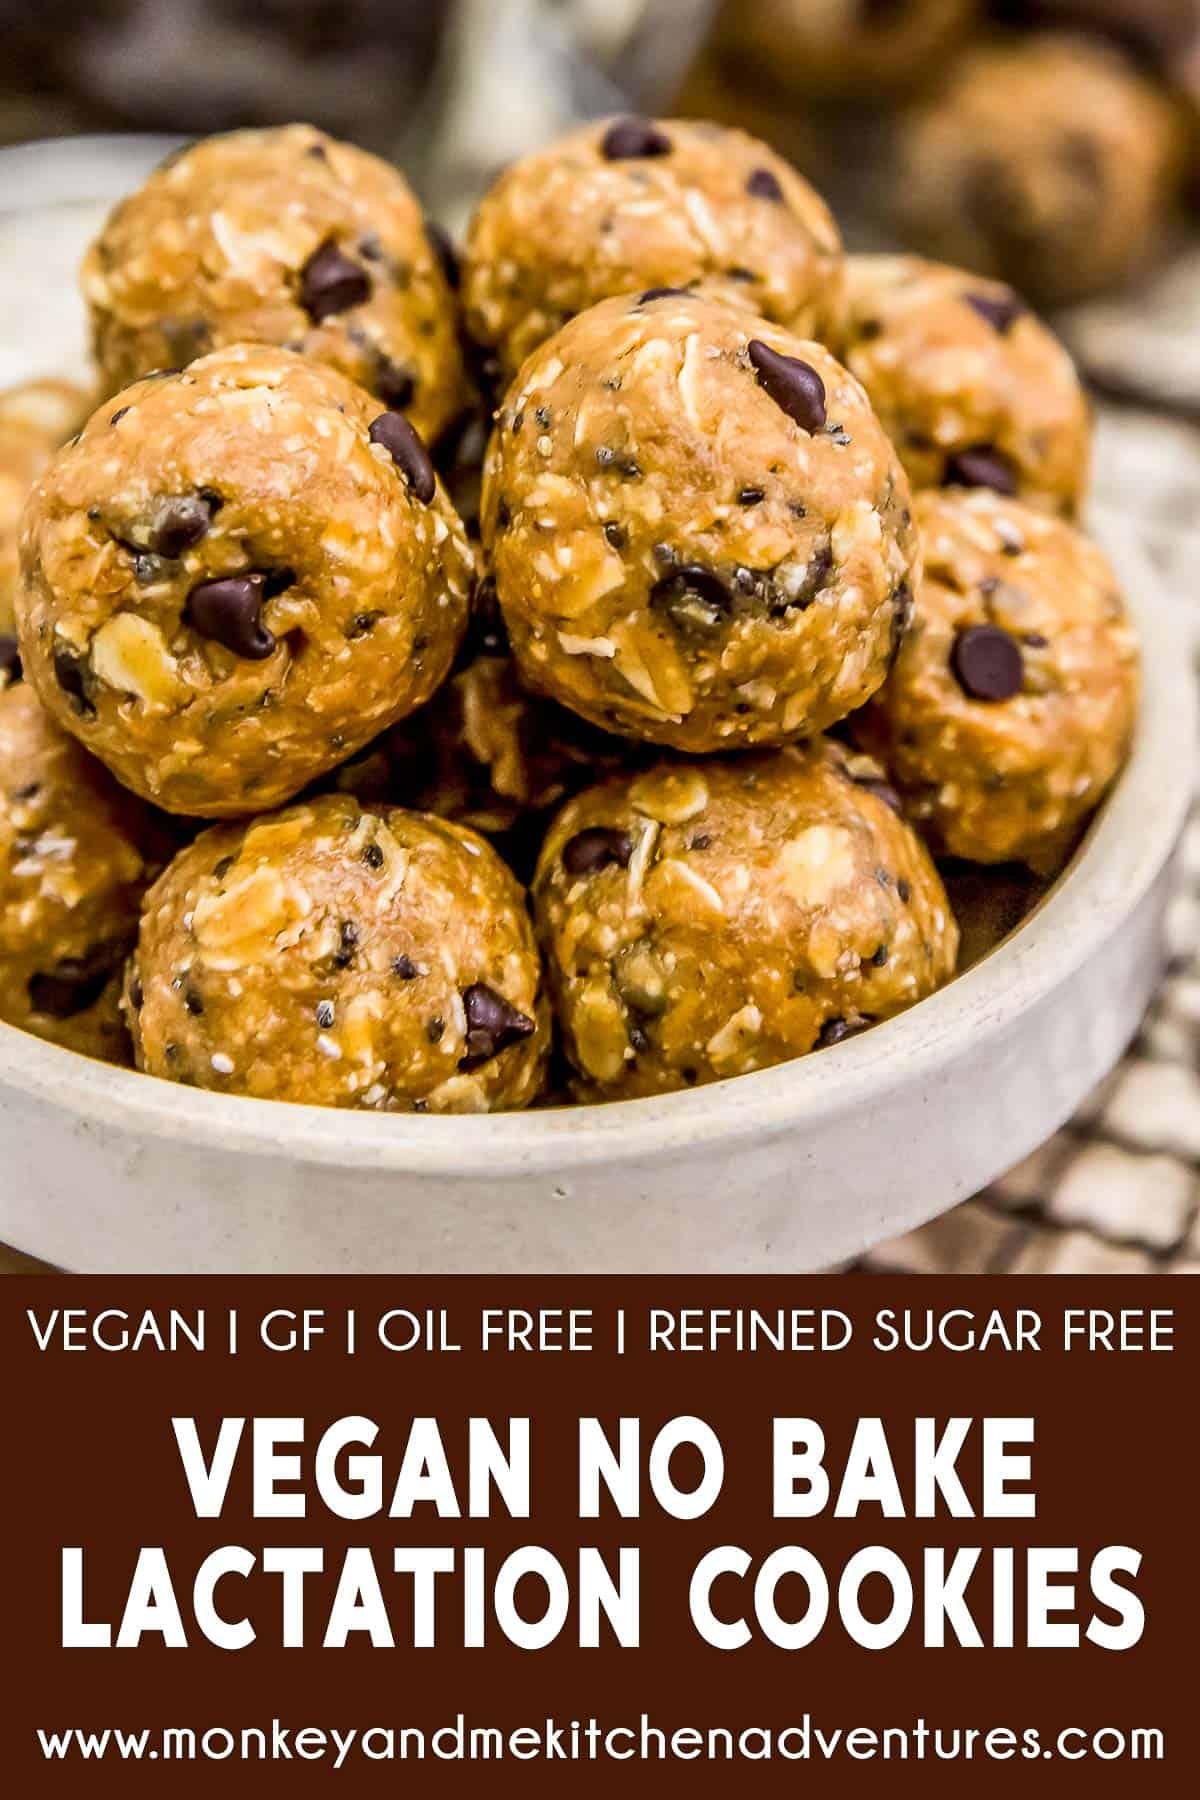 Vegan No-Bake Lactation Cookies with text description